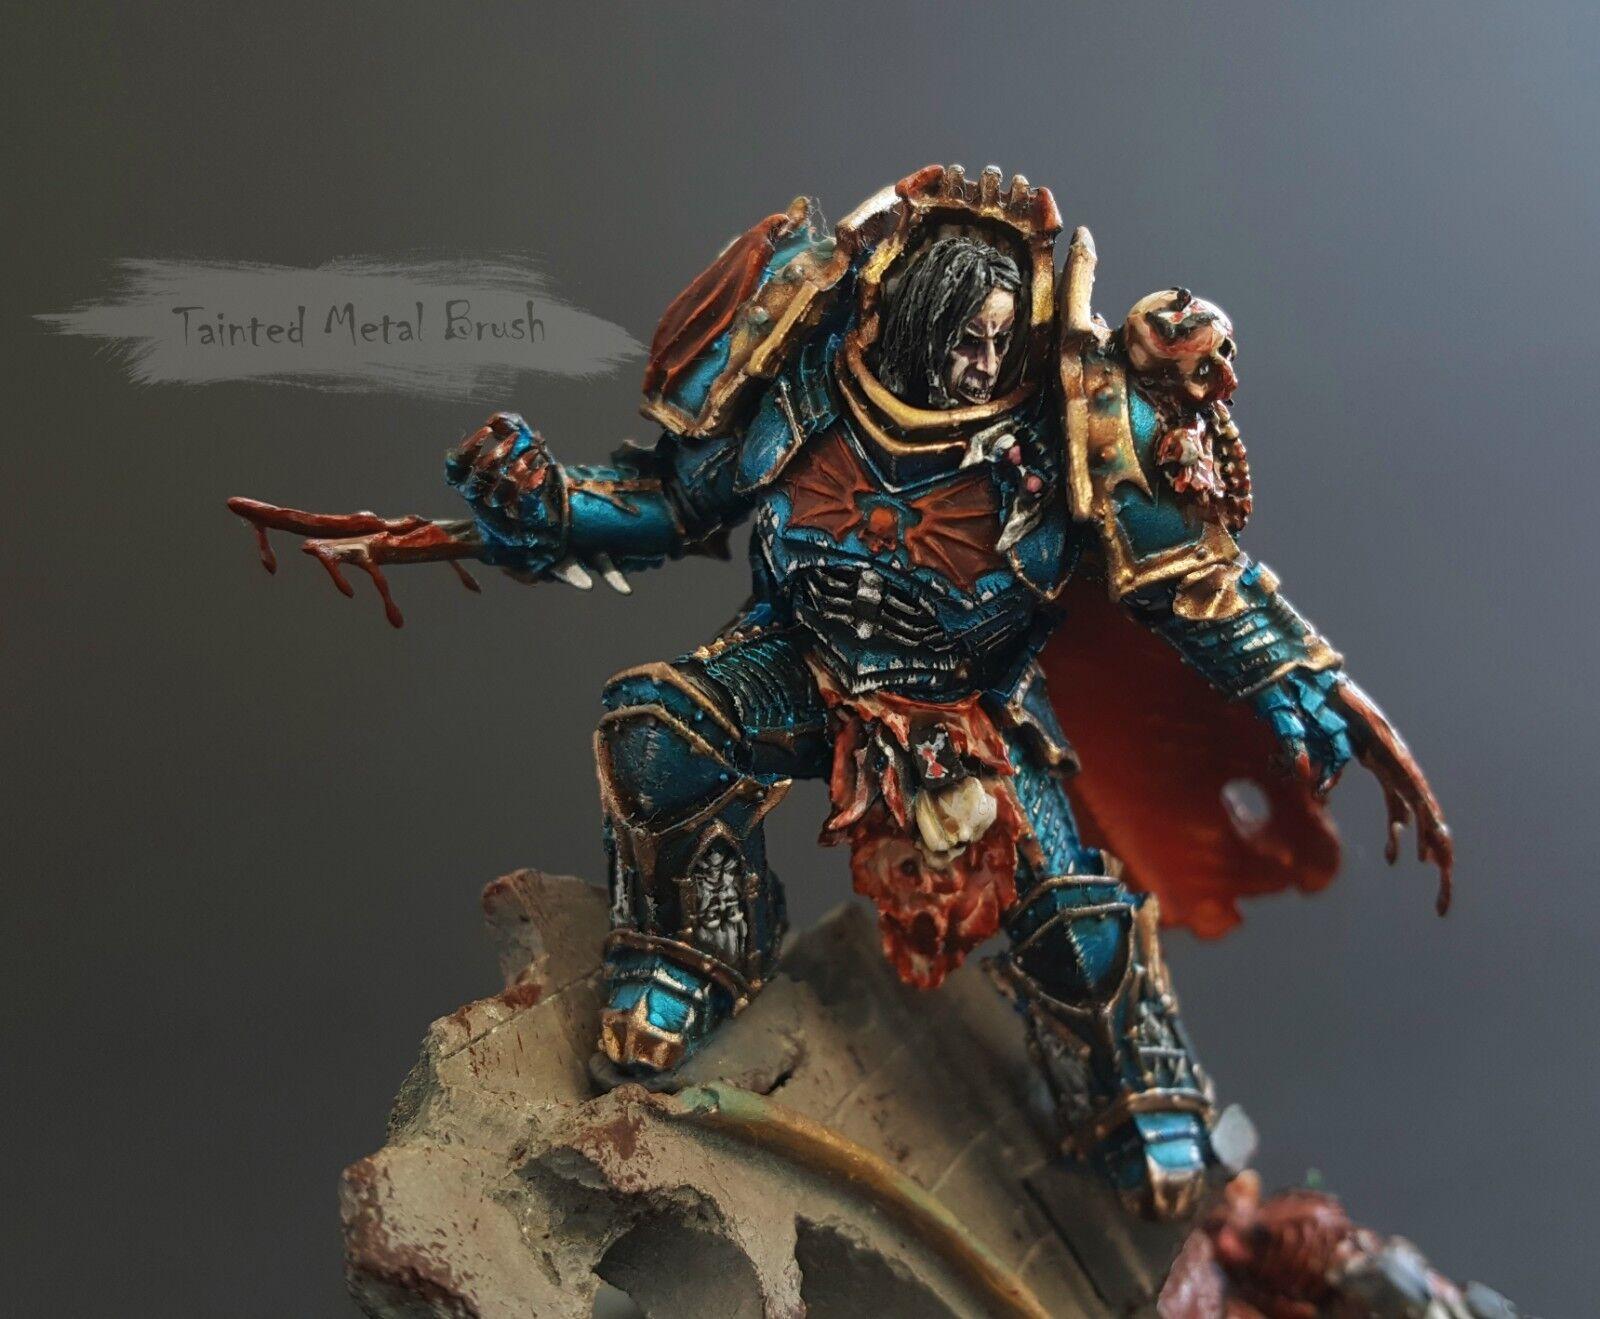 Warhammer Konrad Curze Primarch de la noche señores pintura de comisión